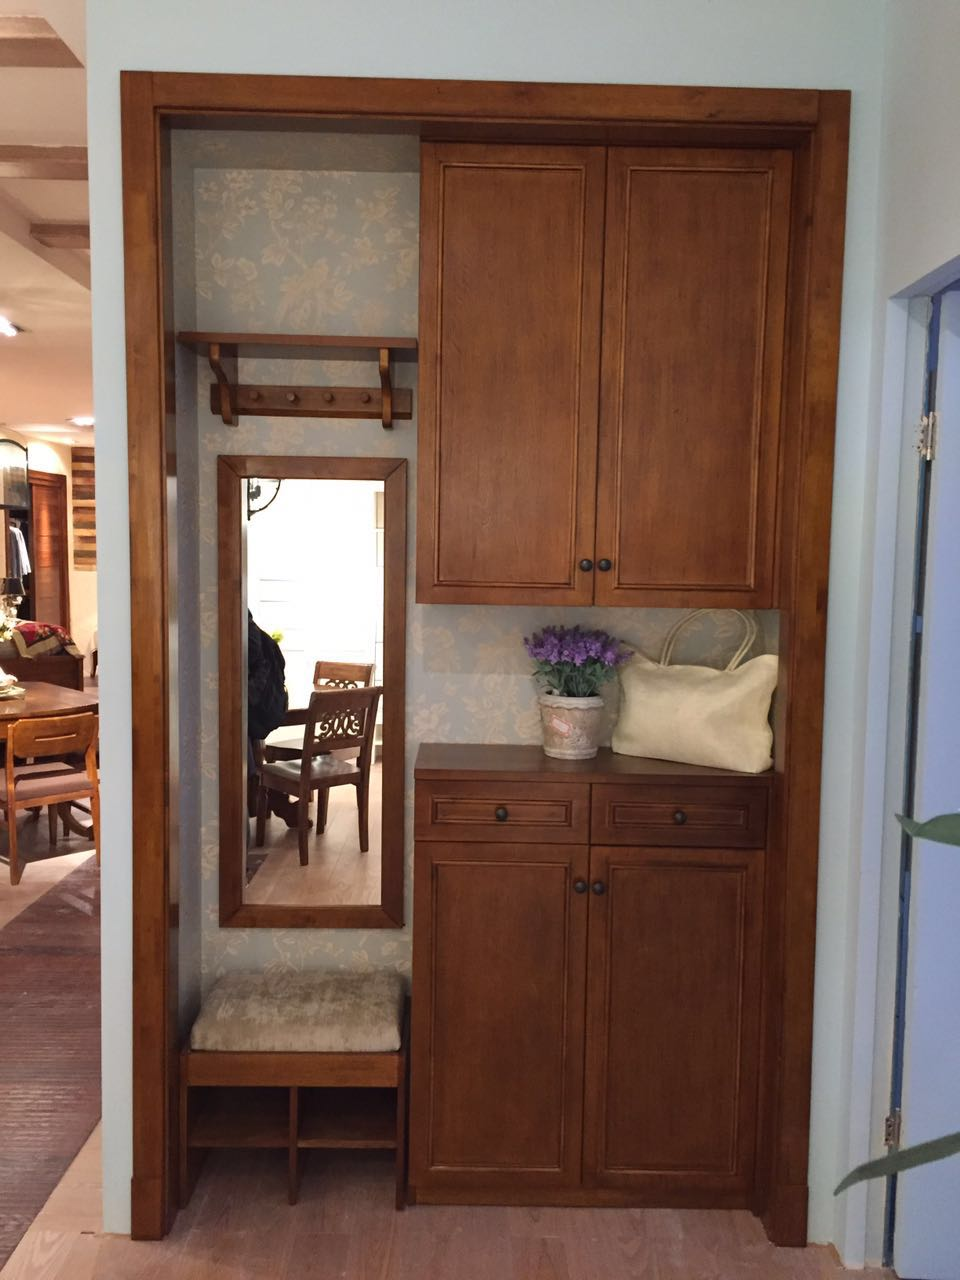 定制实木门厅柜